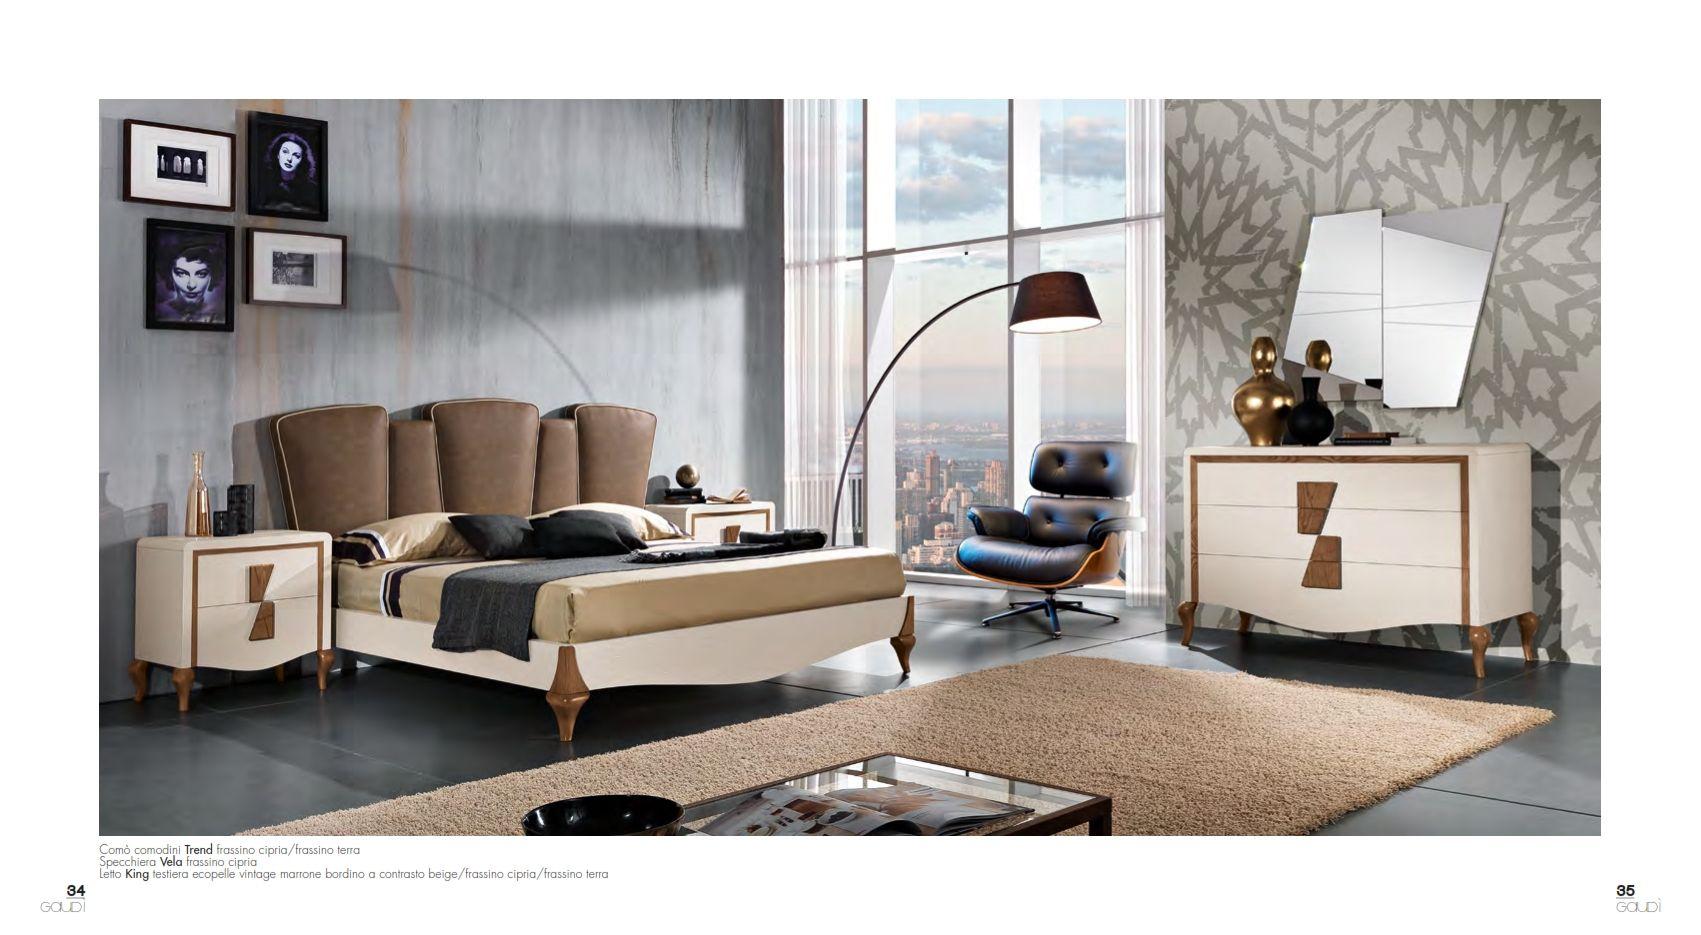 Chambres vip chambre vip mobili gaudi sabre s rieles for Chambre 13 serie